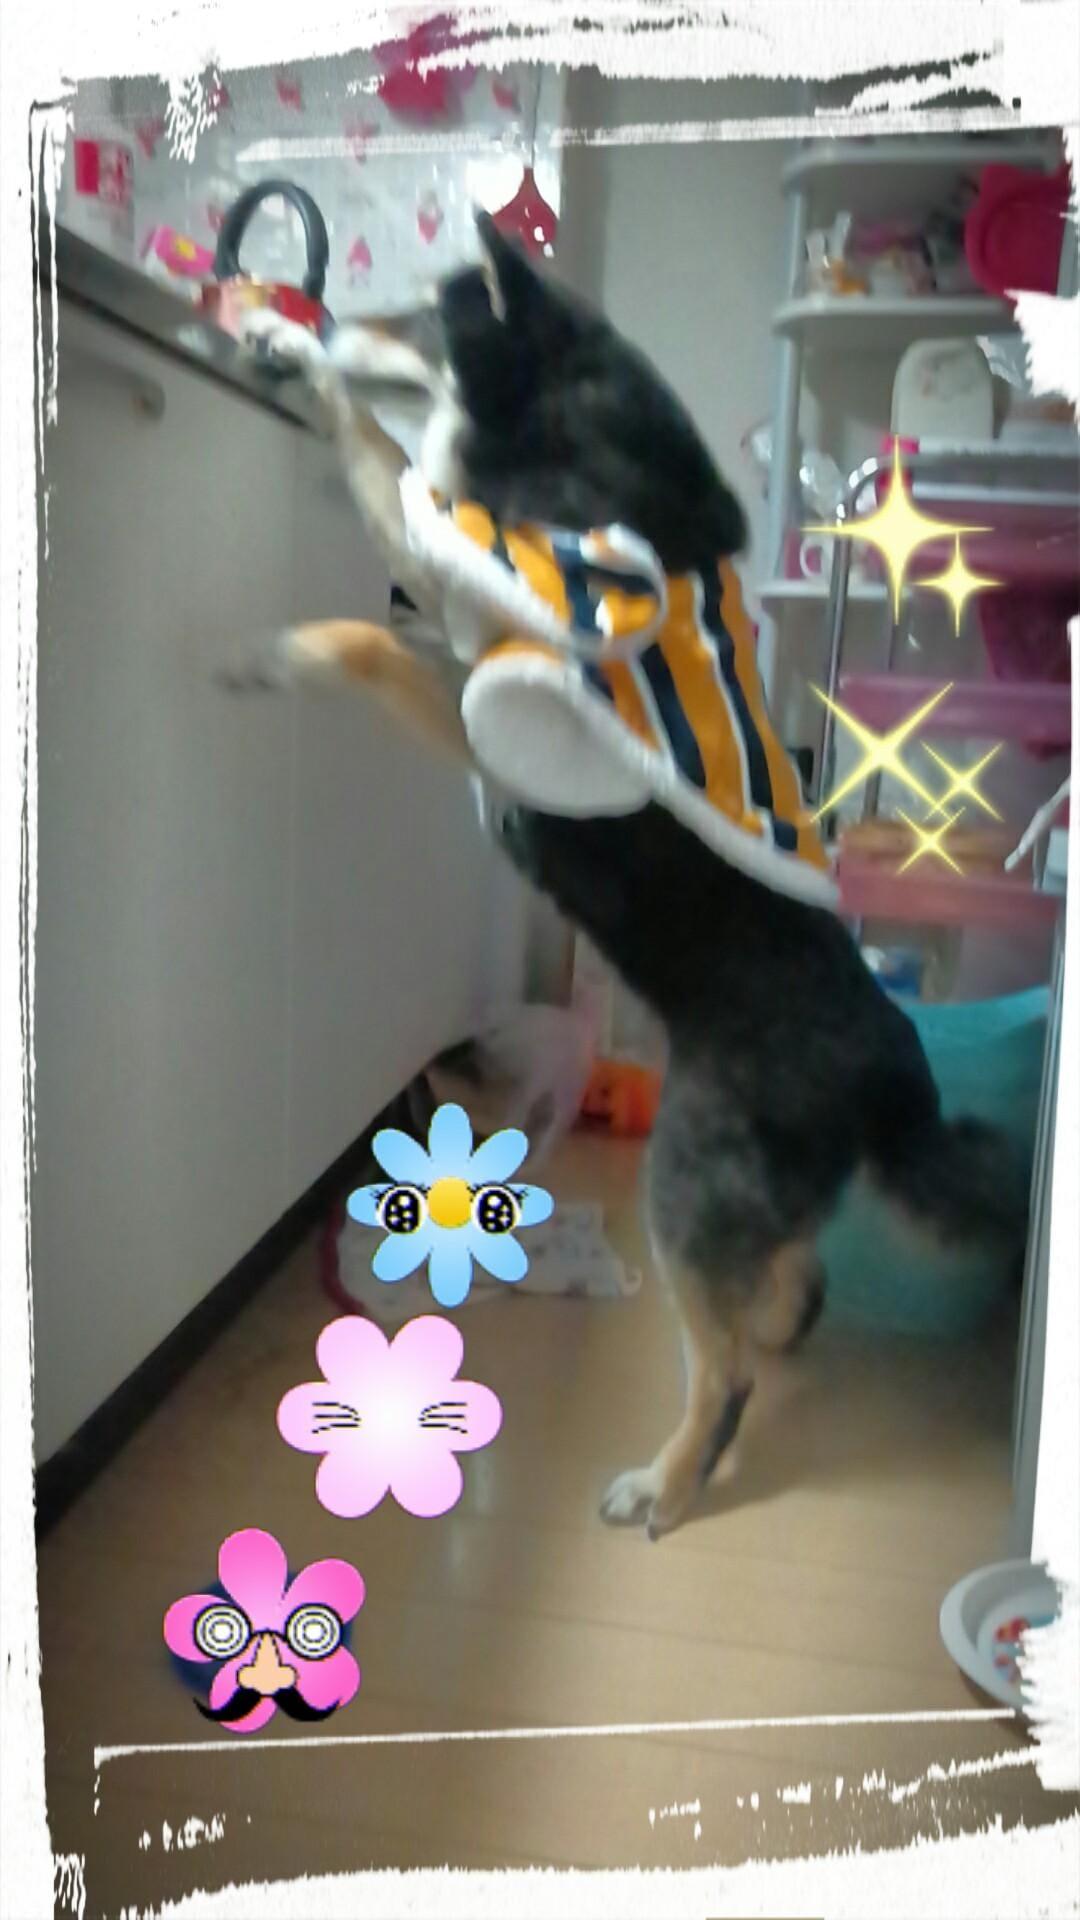 「''*♪  愛犬ちゃん」11/22(木) 15:06   ささの写メ・風俗動画